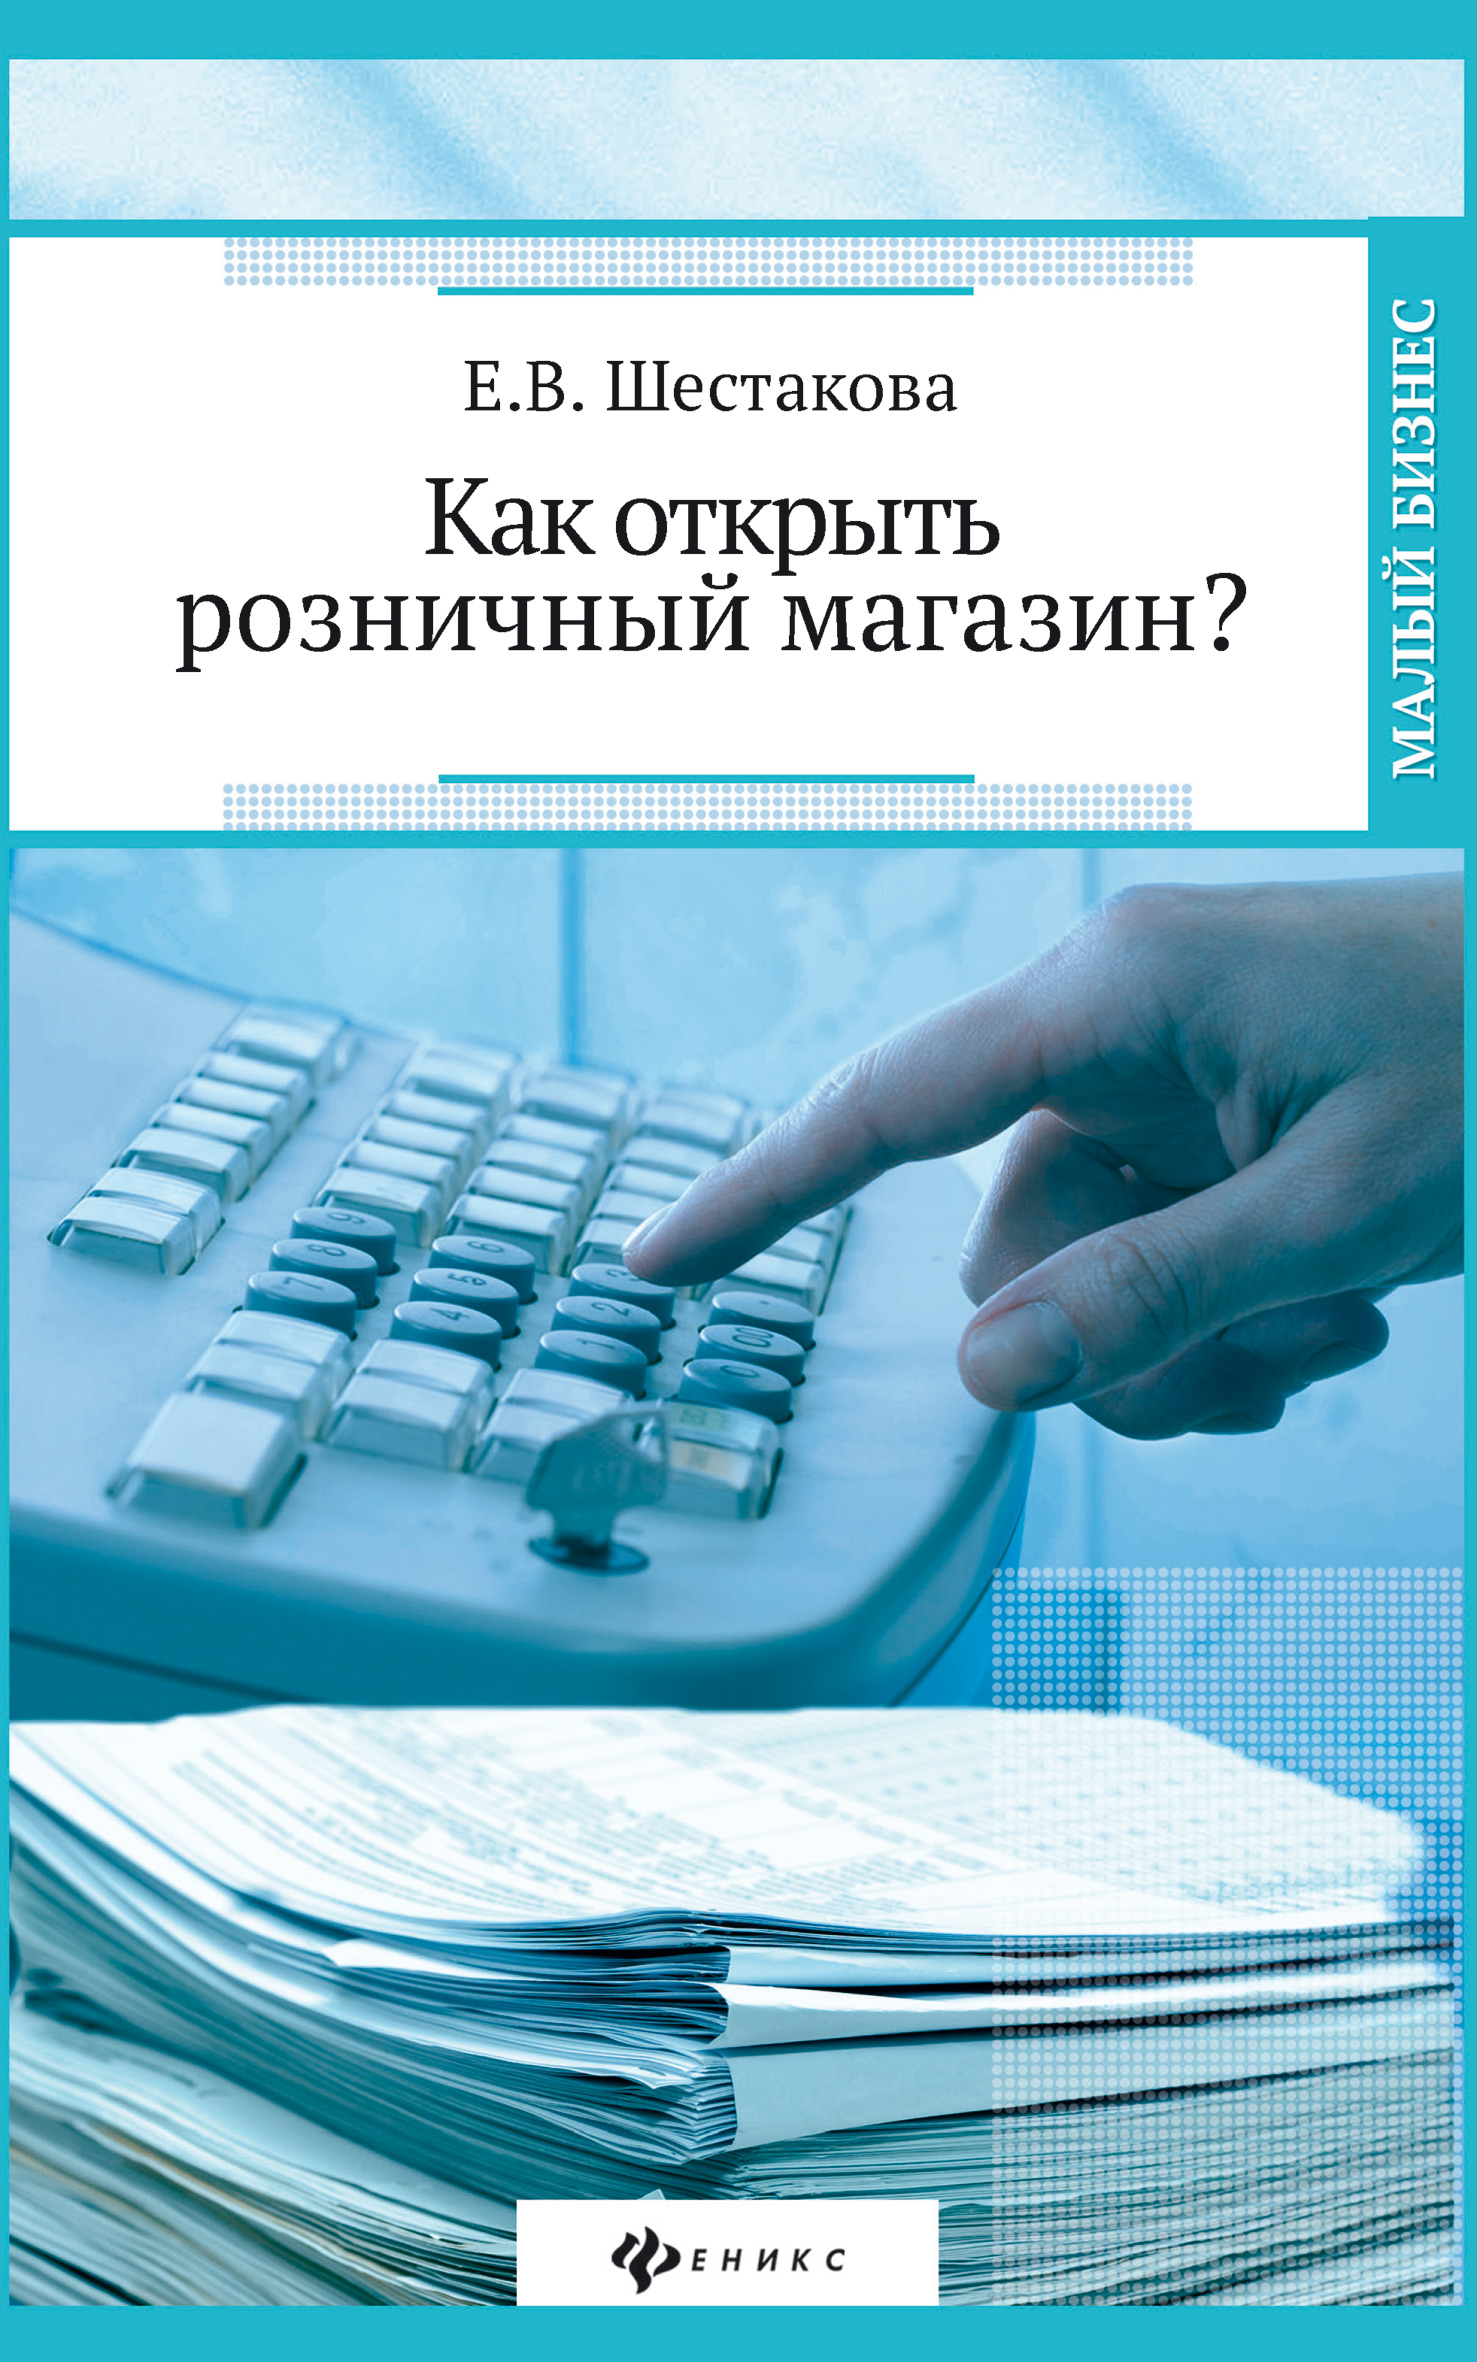 шестакова е как организовать дистанционный бизнес Е. В. Шестакова Как открыть розничный магазин?